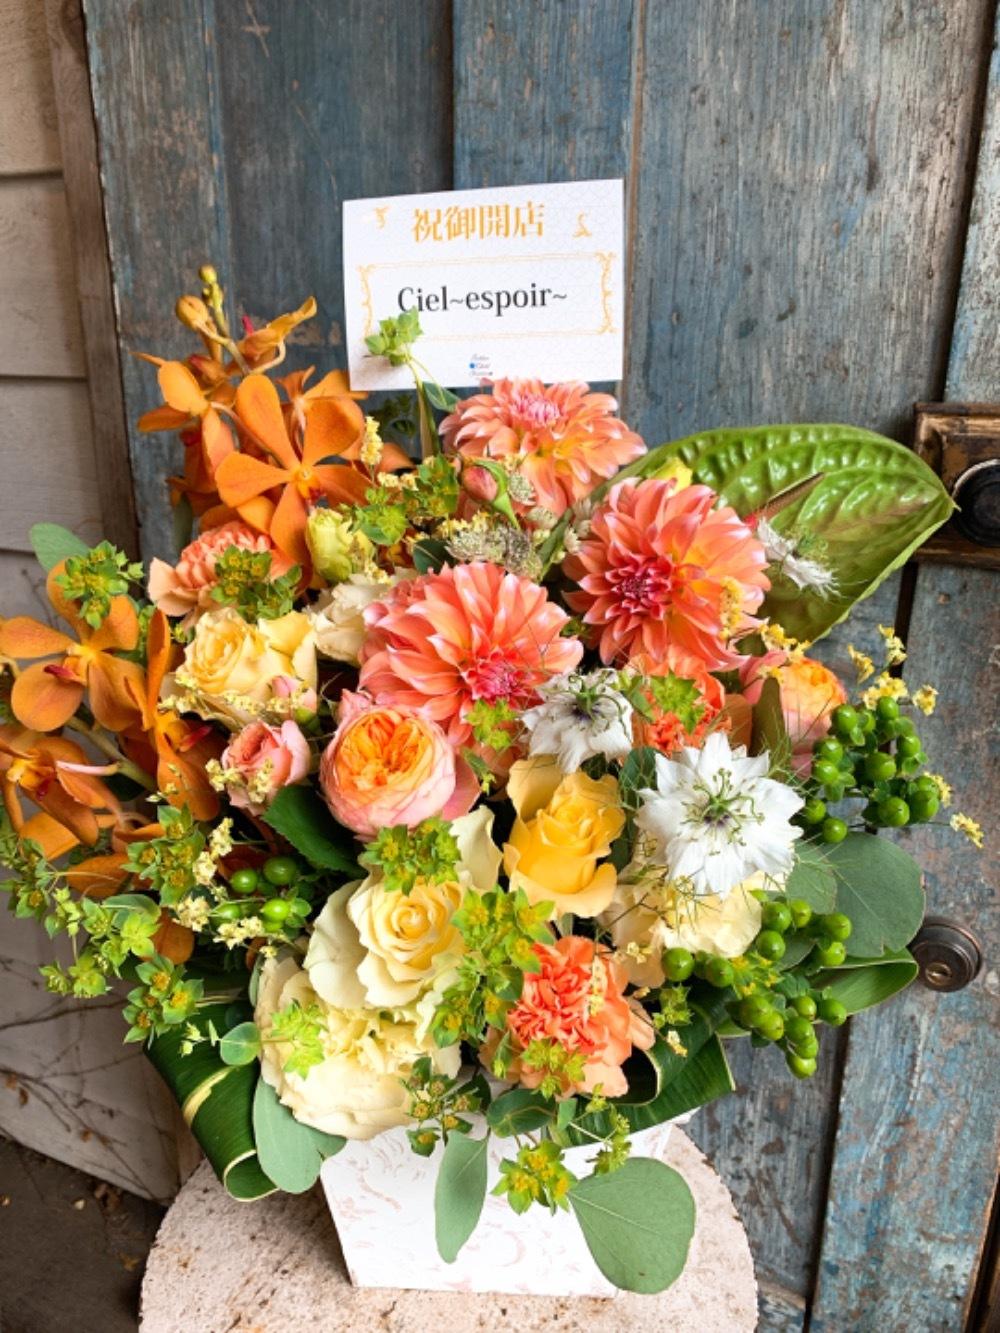 オレンジがイメージカラーの美容院様へビビッドな御開店祝い花